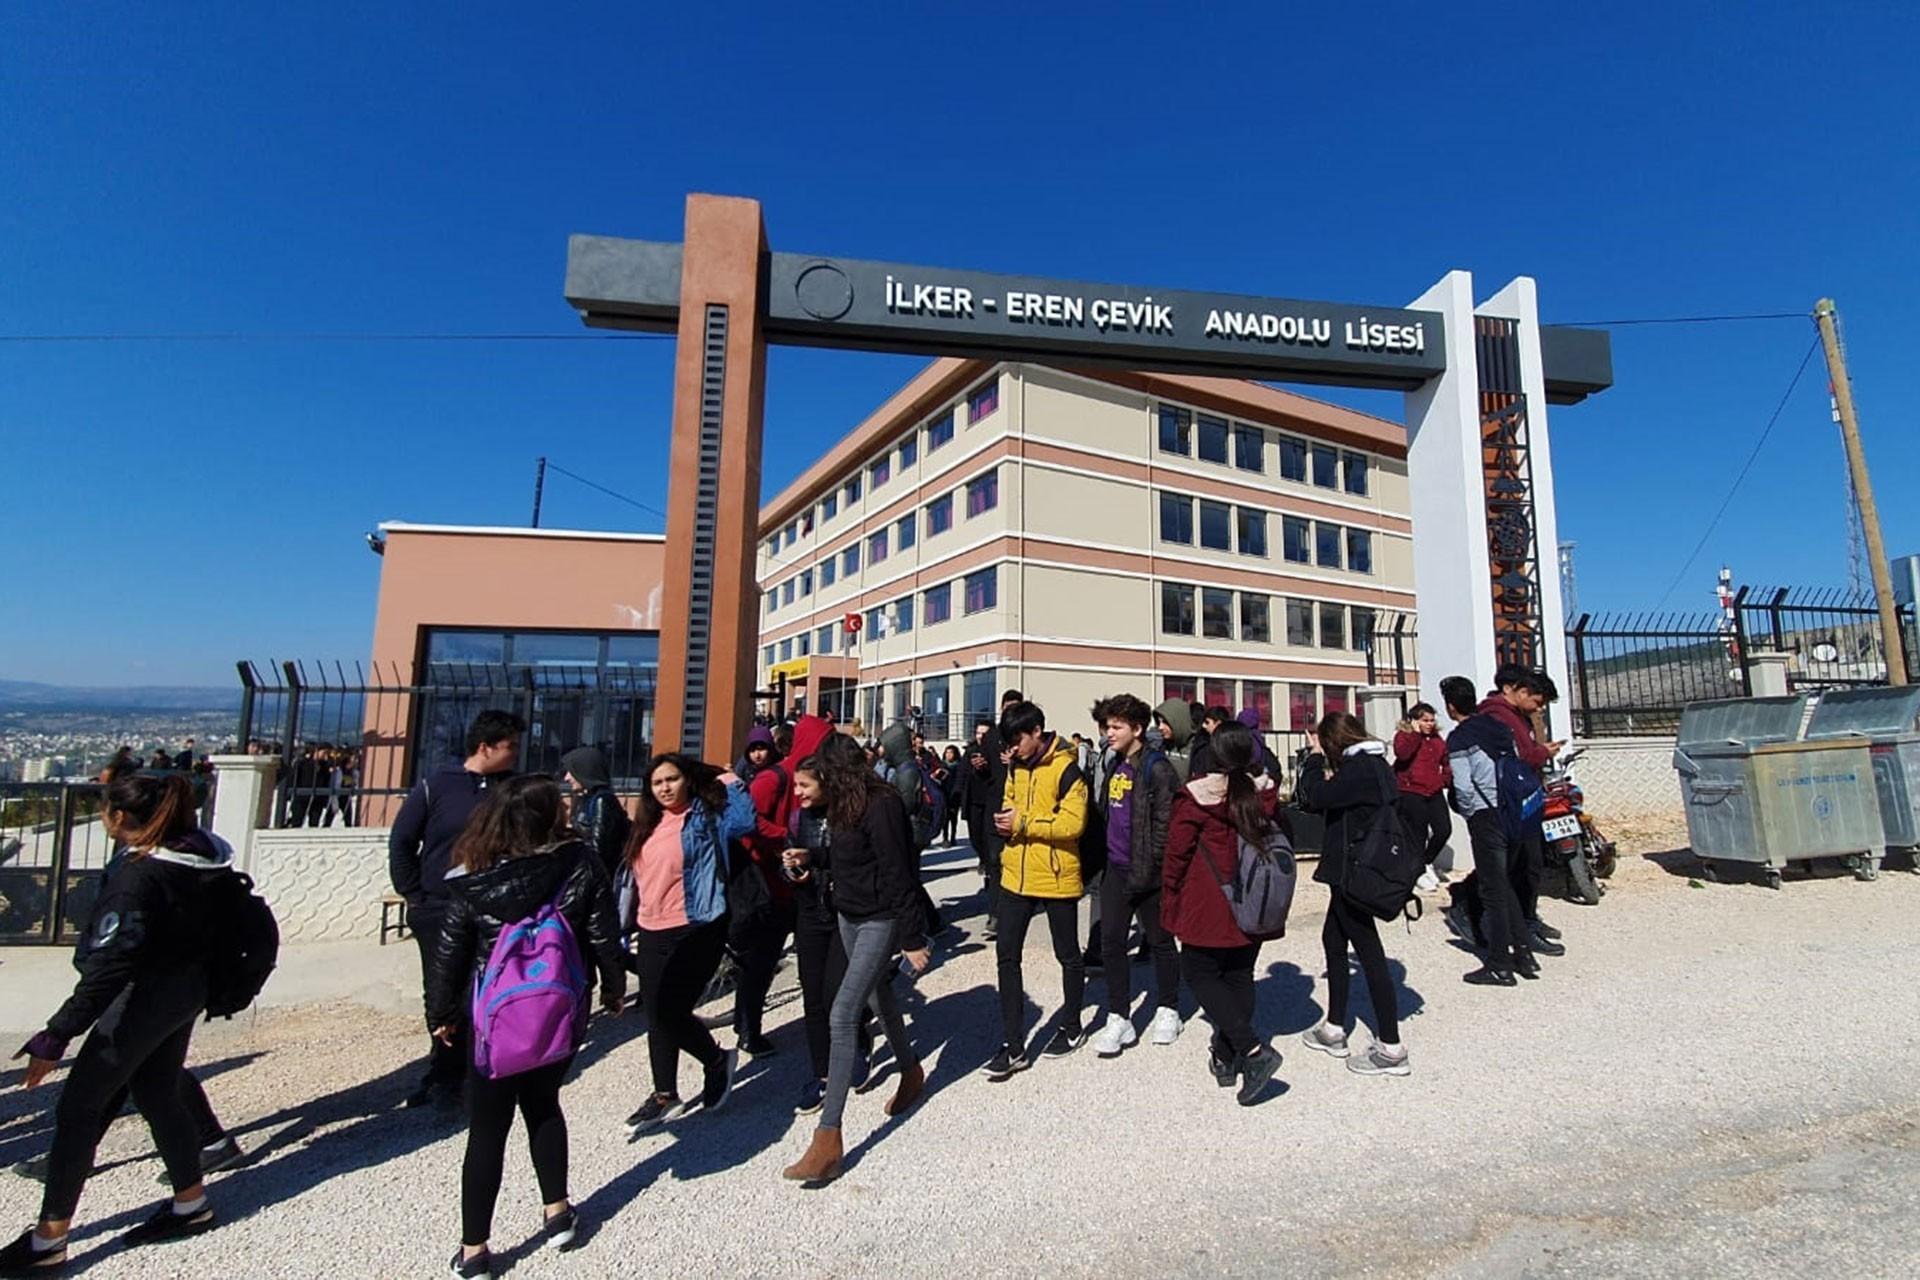 İlker Eren Çevik Anadolu Lisesi önünde bekleyen öğrenciler